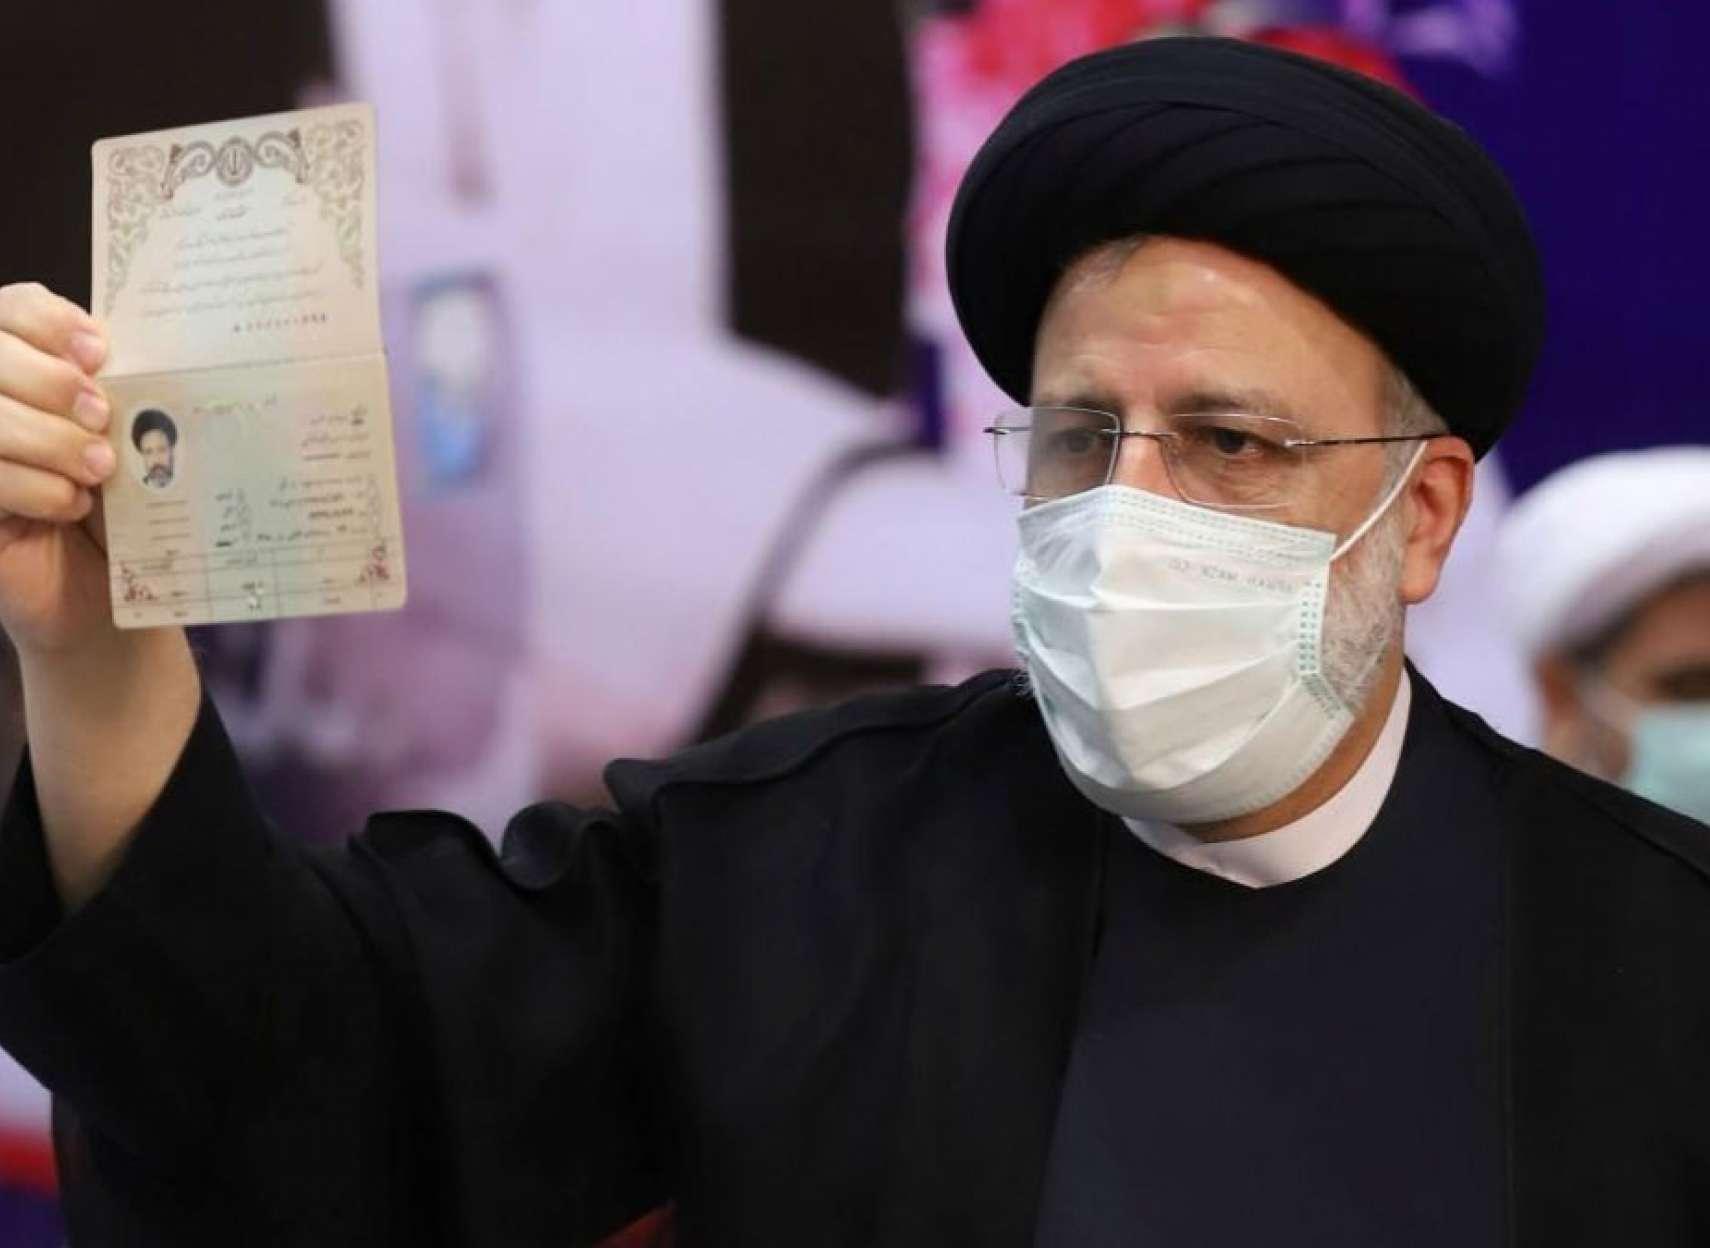 تحلیل آینده با نیروهای کنونی: آیا ریزش مردمی در ایران به ظهور رادیکالی در رادیکال میانجامد؟